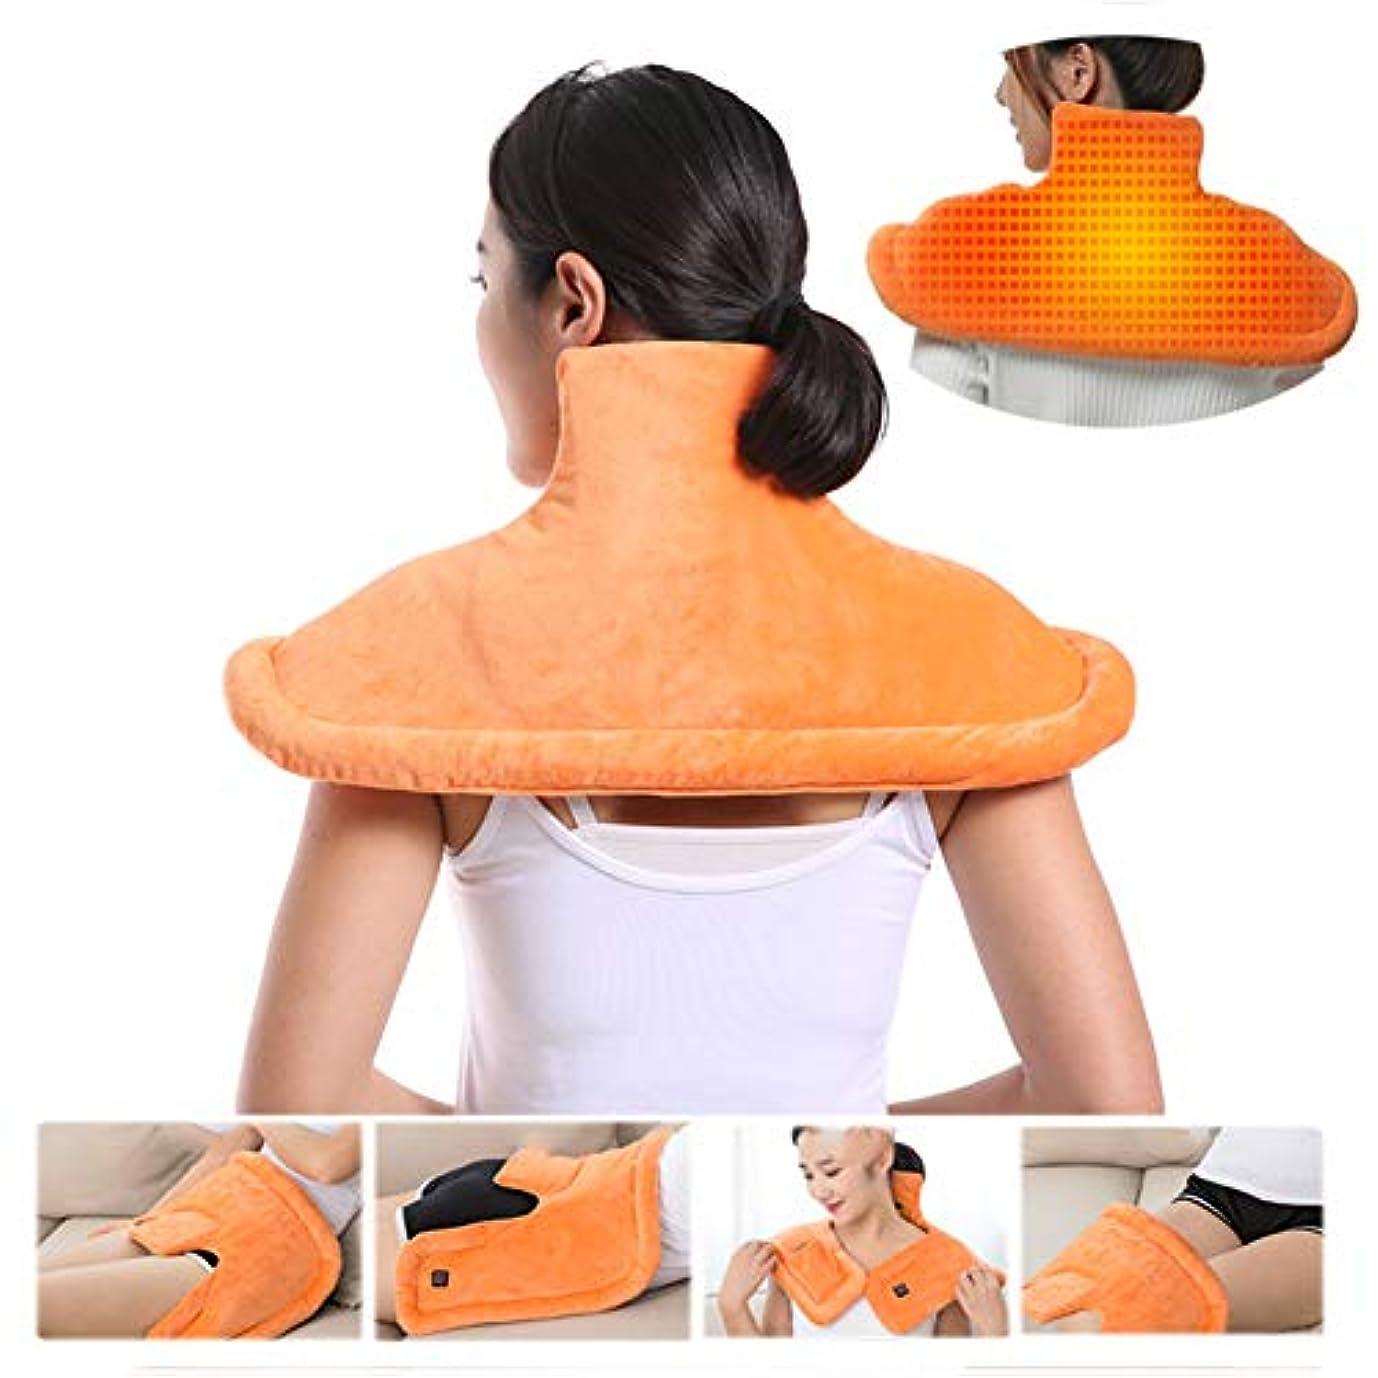 首の肩の背部暖房パッド、マッサージのヒートラップの熱くするショールの減圧のための調節可能な強度フルボディマッサージ首の肩暖房湿った熱療法のパッド